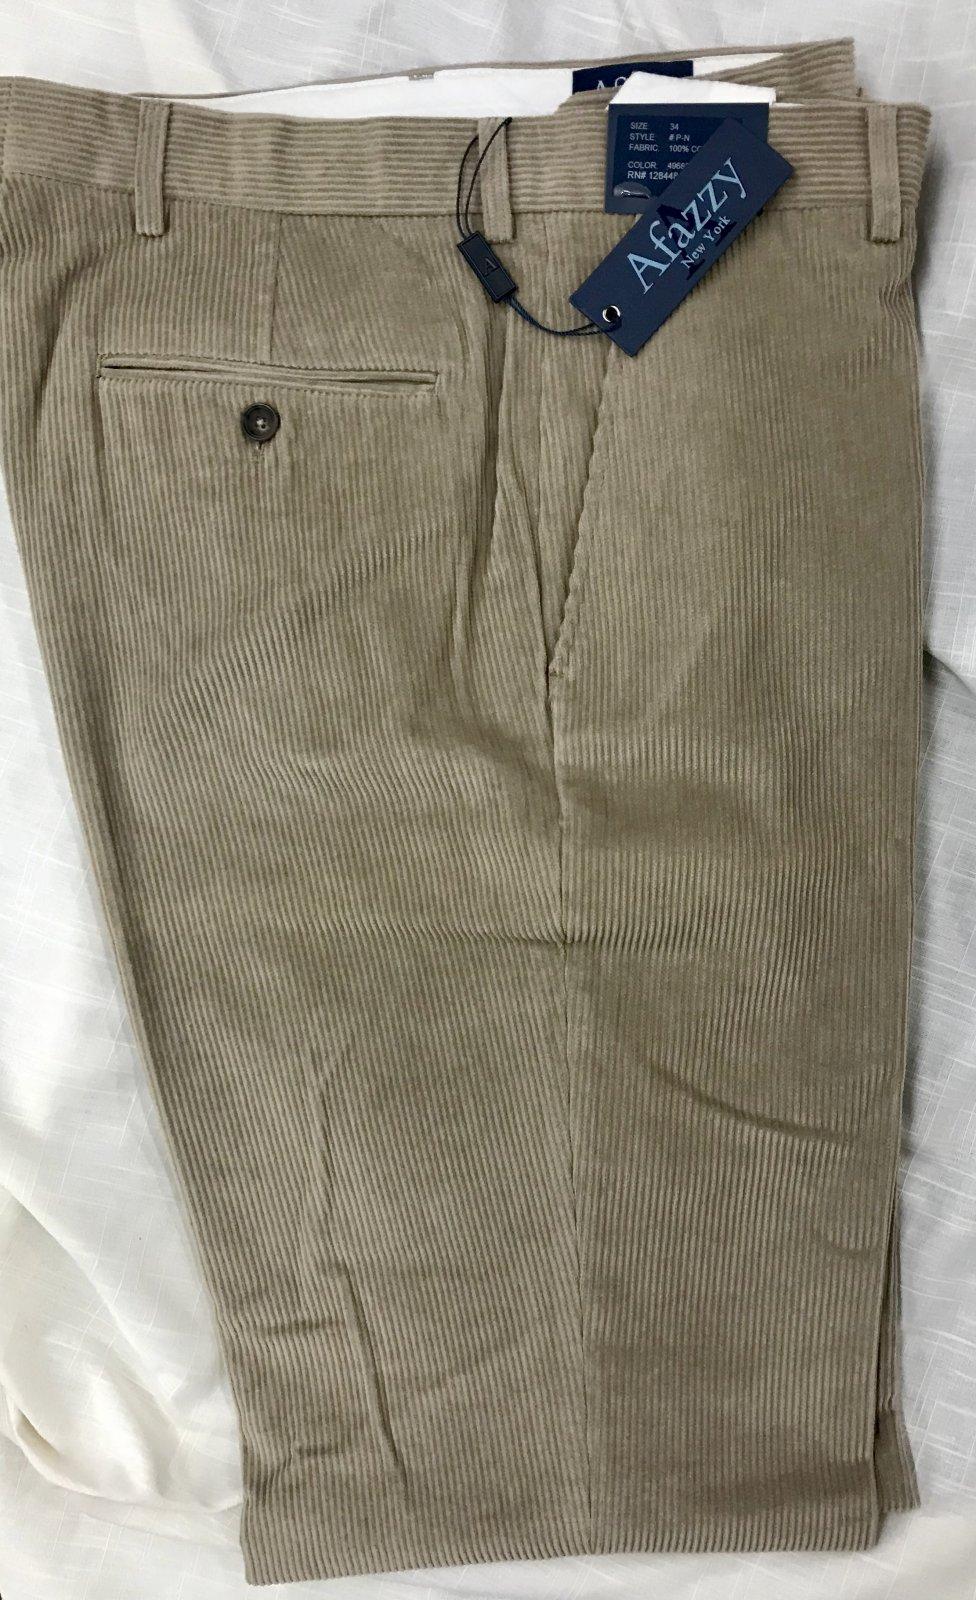 Afazzy Corduroy Pants